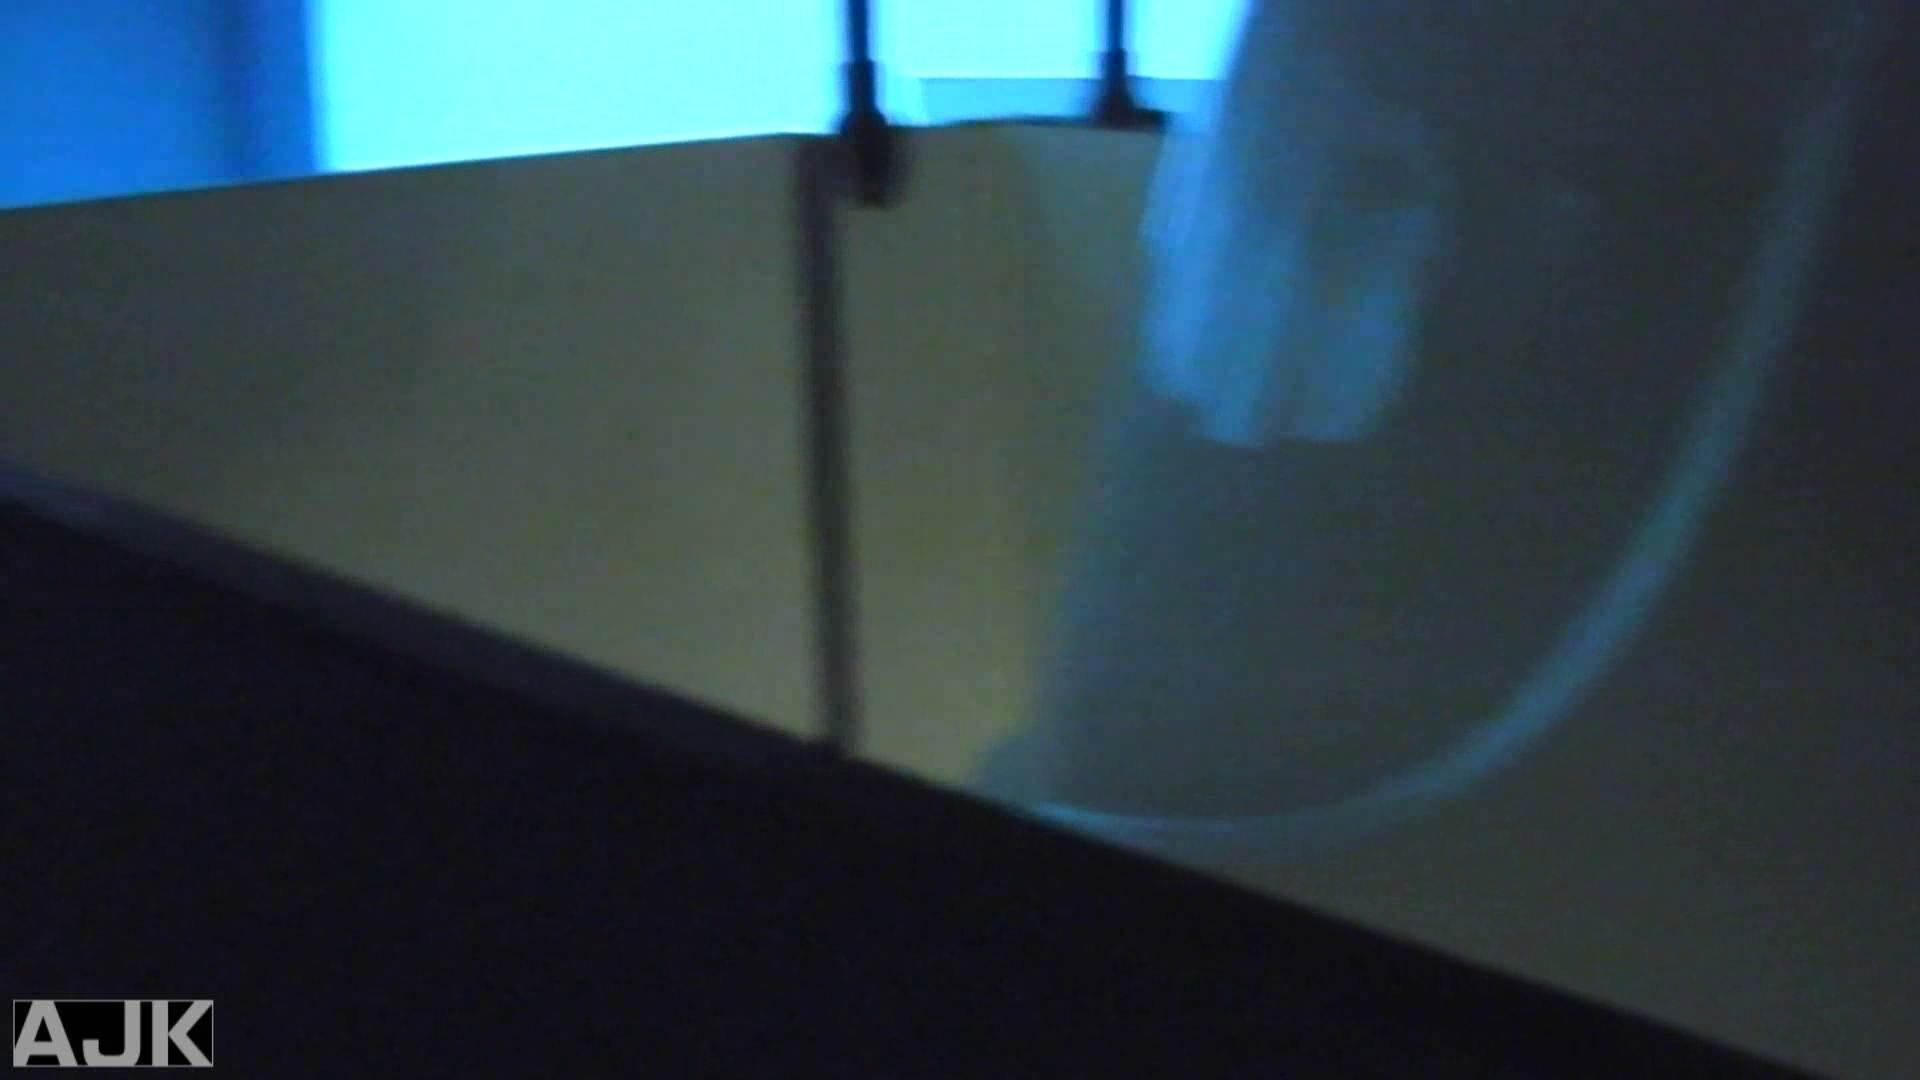 神降臨!史上最強の潜入かわや! vol.13 美女エロ画像 のぞき動画画像 66PICs 33